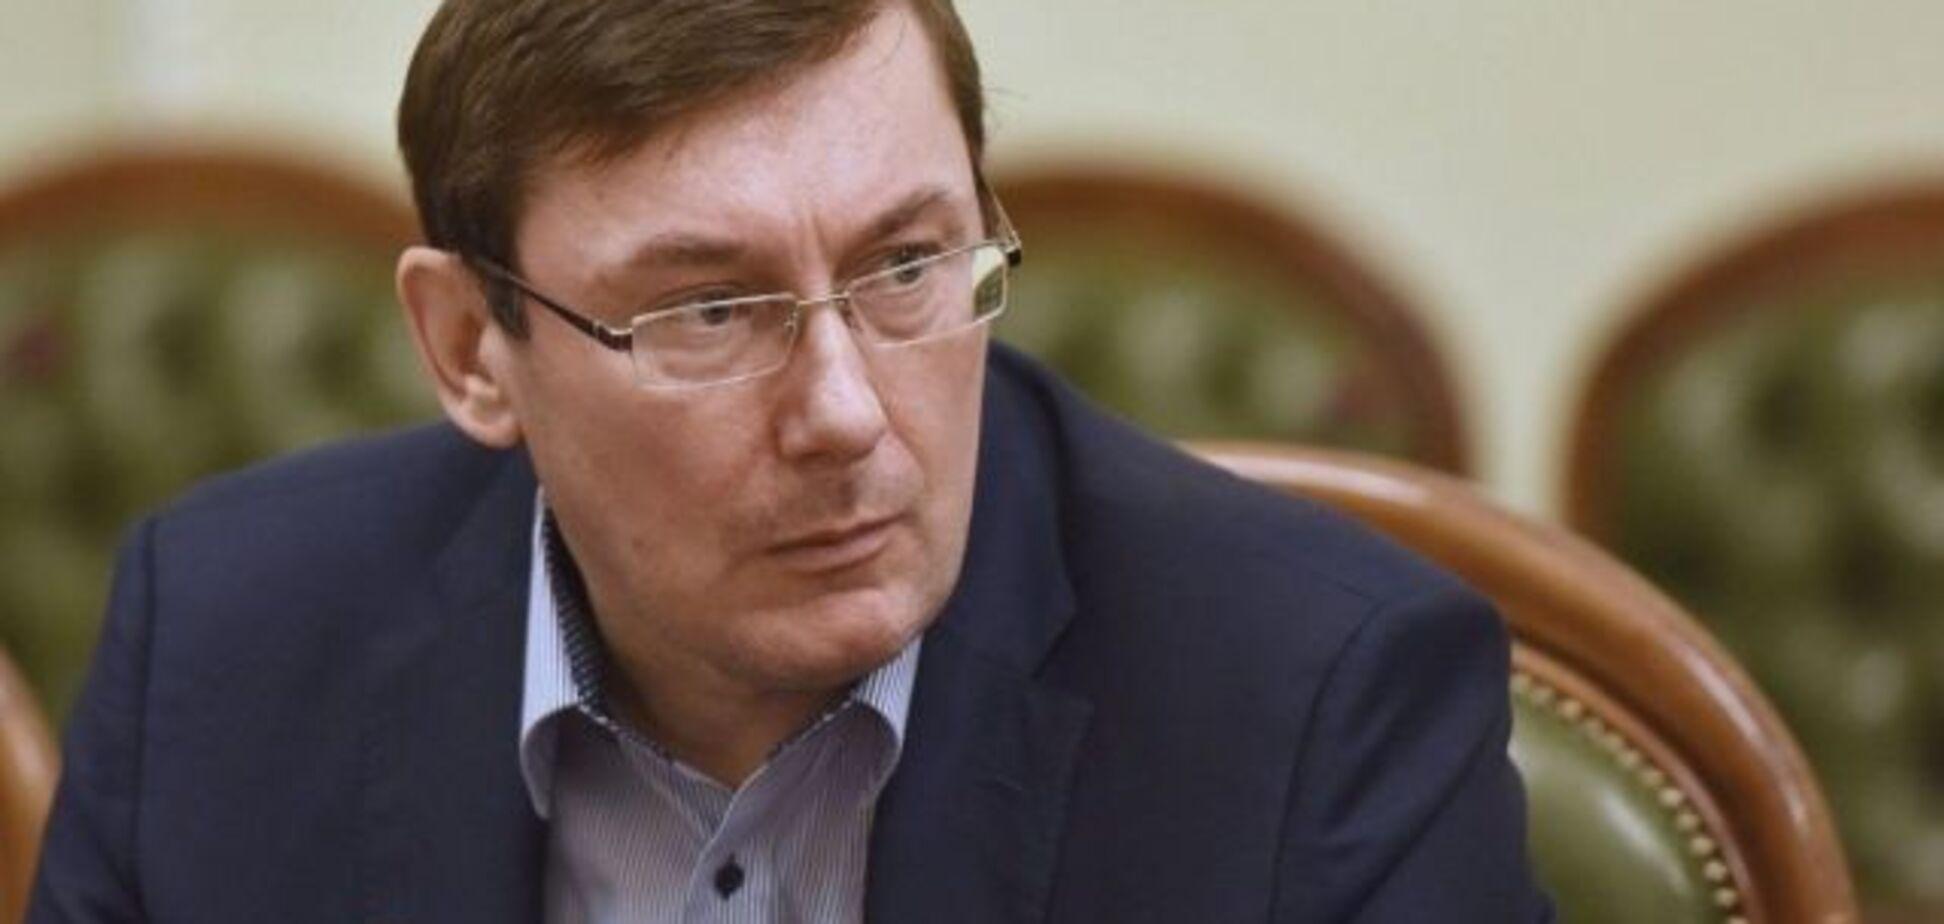 Зв'язок Саакашвілі з Курченко: ГПУ має намір залучити до розслідування ФБР